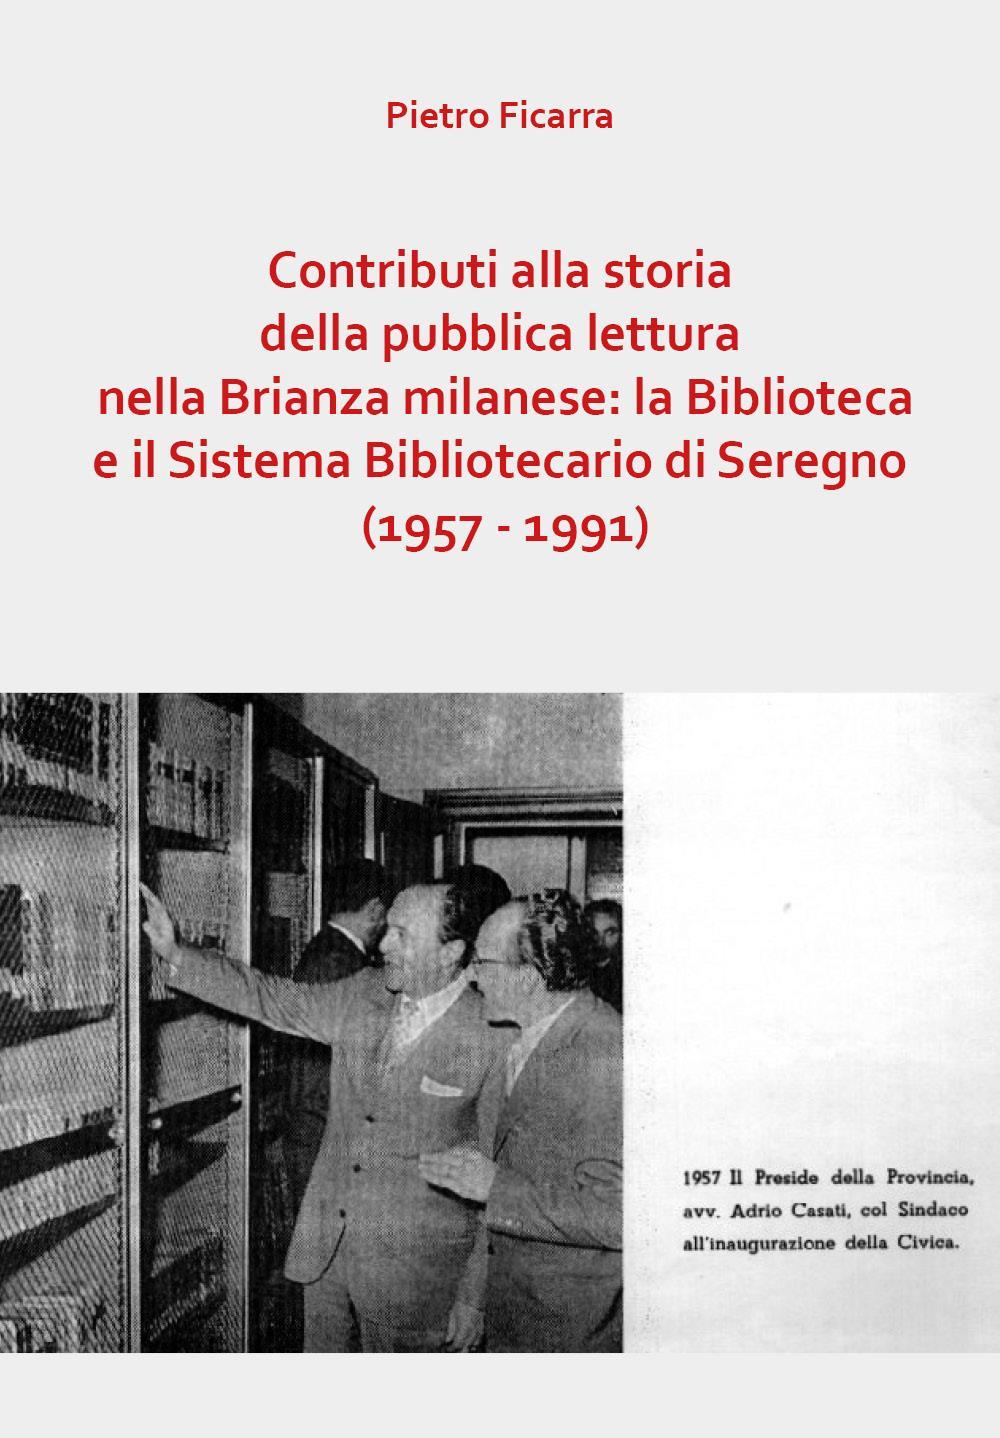 Contributi alla storia della pubblica lettura nella Brianza milanese: la Biblioteca e il Sistema Bibliotecario di Seregno (1957 - 1991)